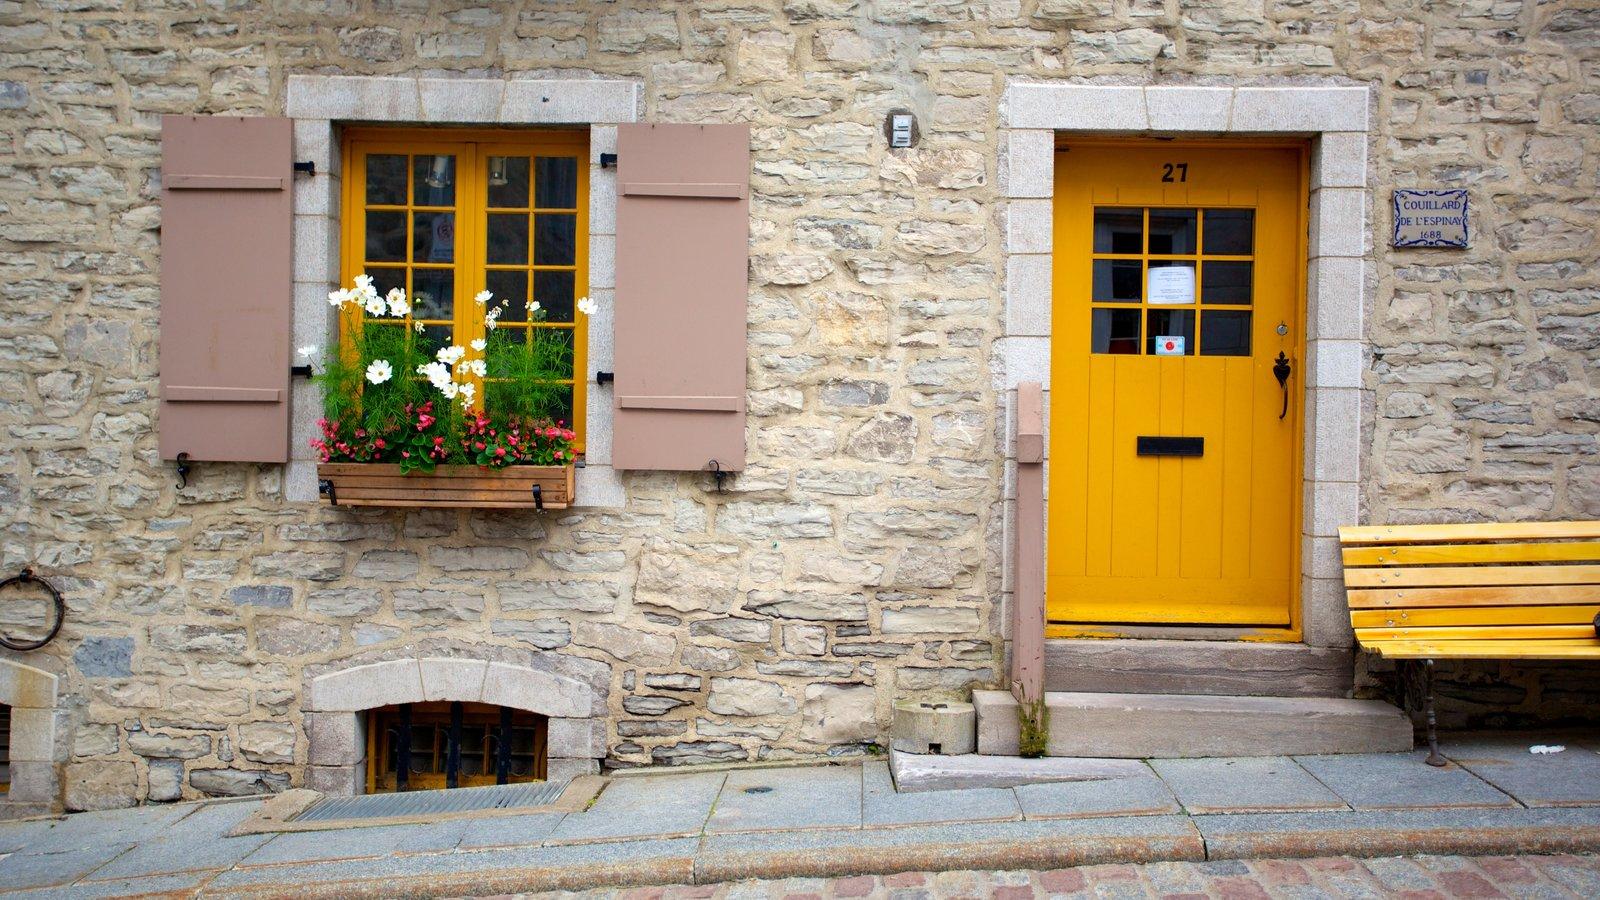 Place Royale caracterizando flores, uma casa e arquitetura de patrimônio